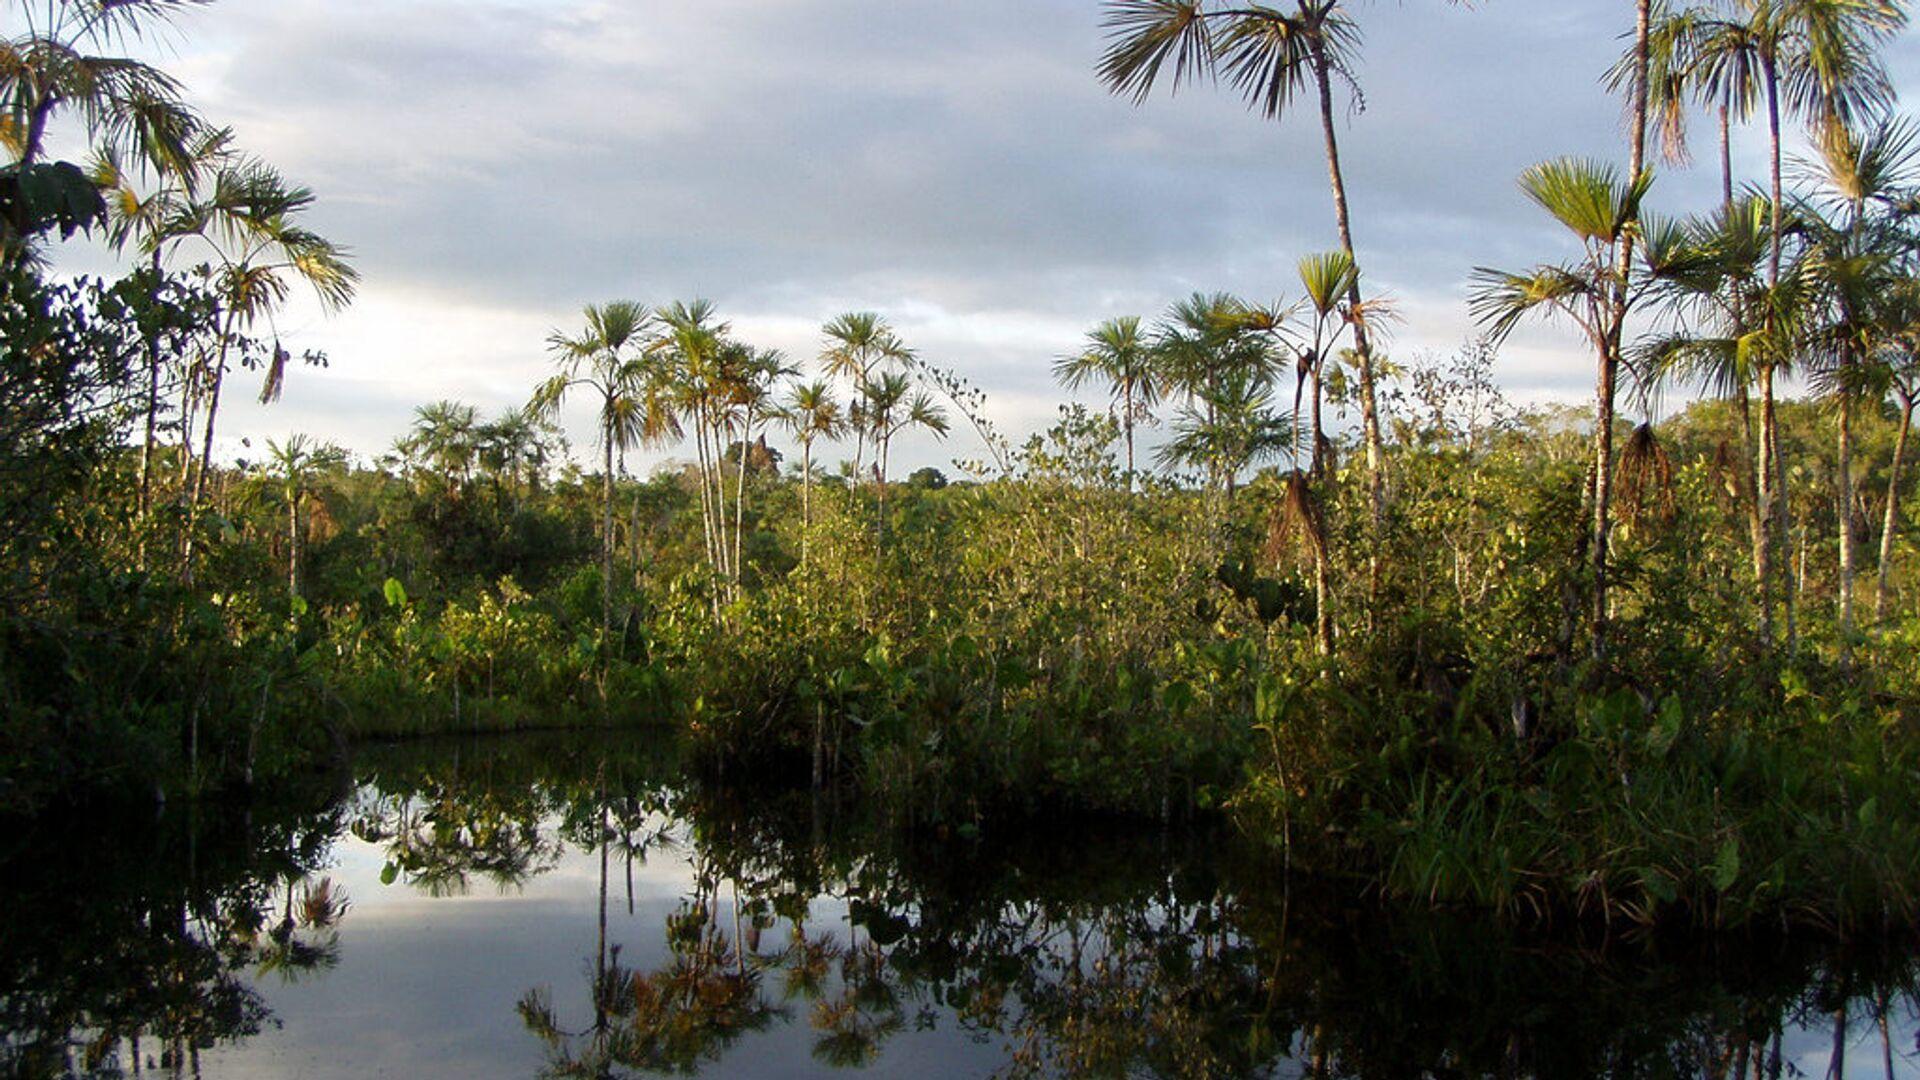 Parque Yasuní, Amazonía - Sputnik Mundo, 1920, 24.09.2021